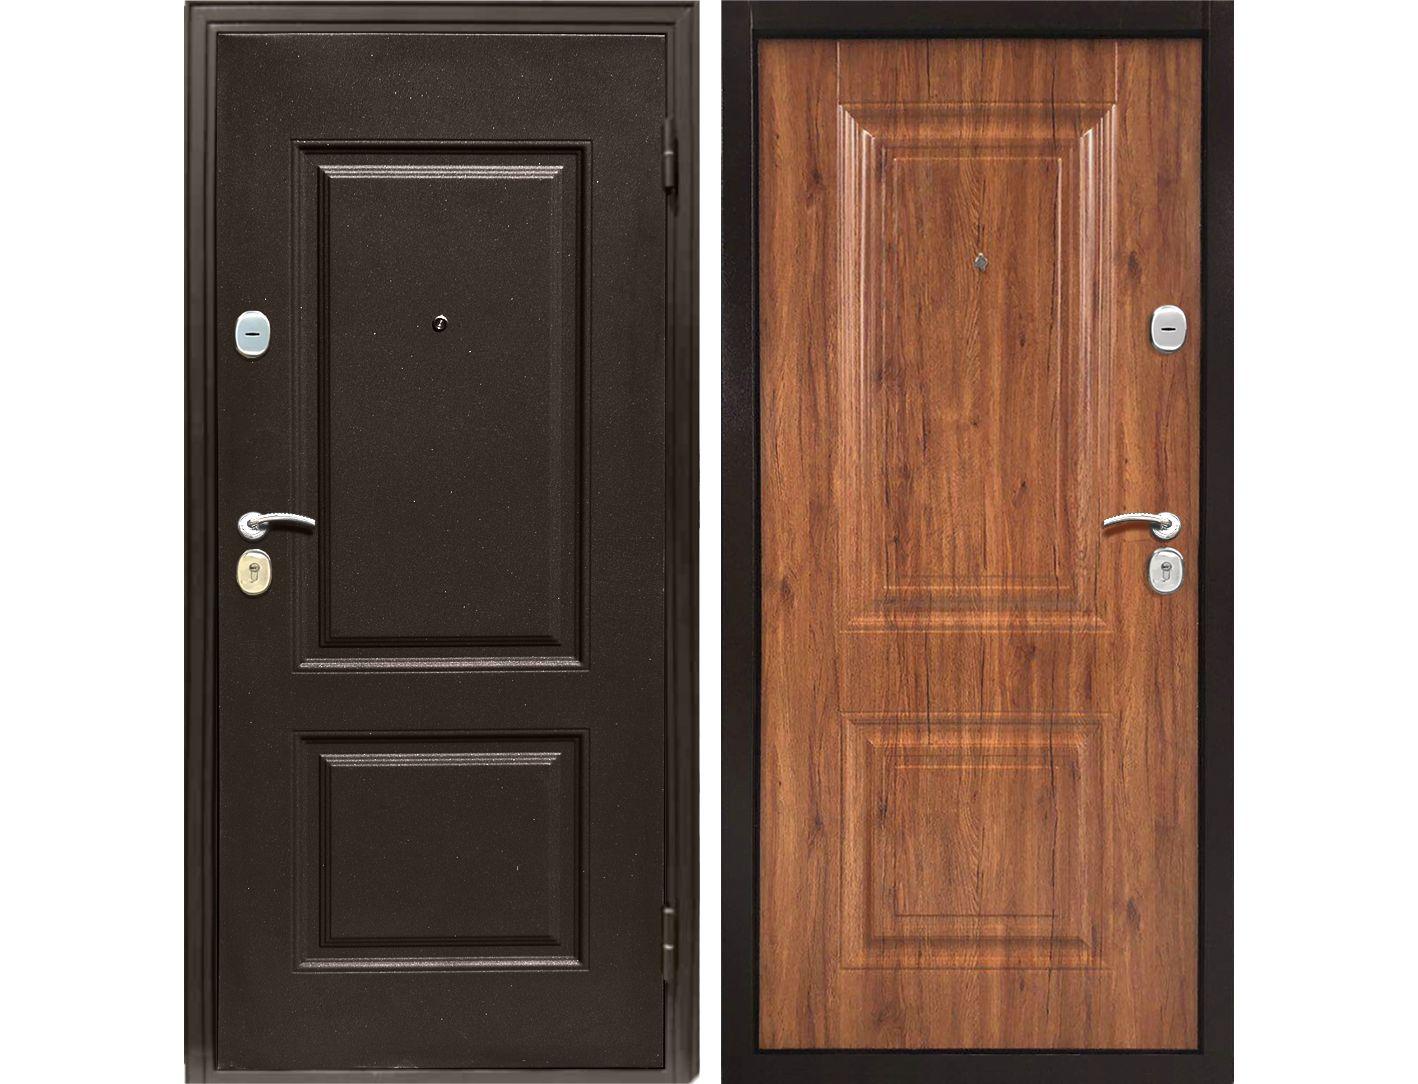 Купить со скидкой Дверь металлическая входная Классика античный орех 2050*860 R